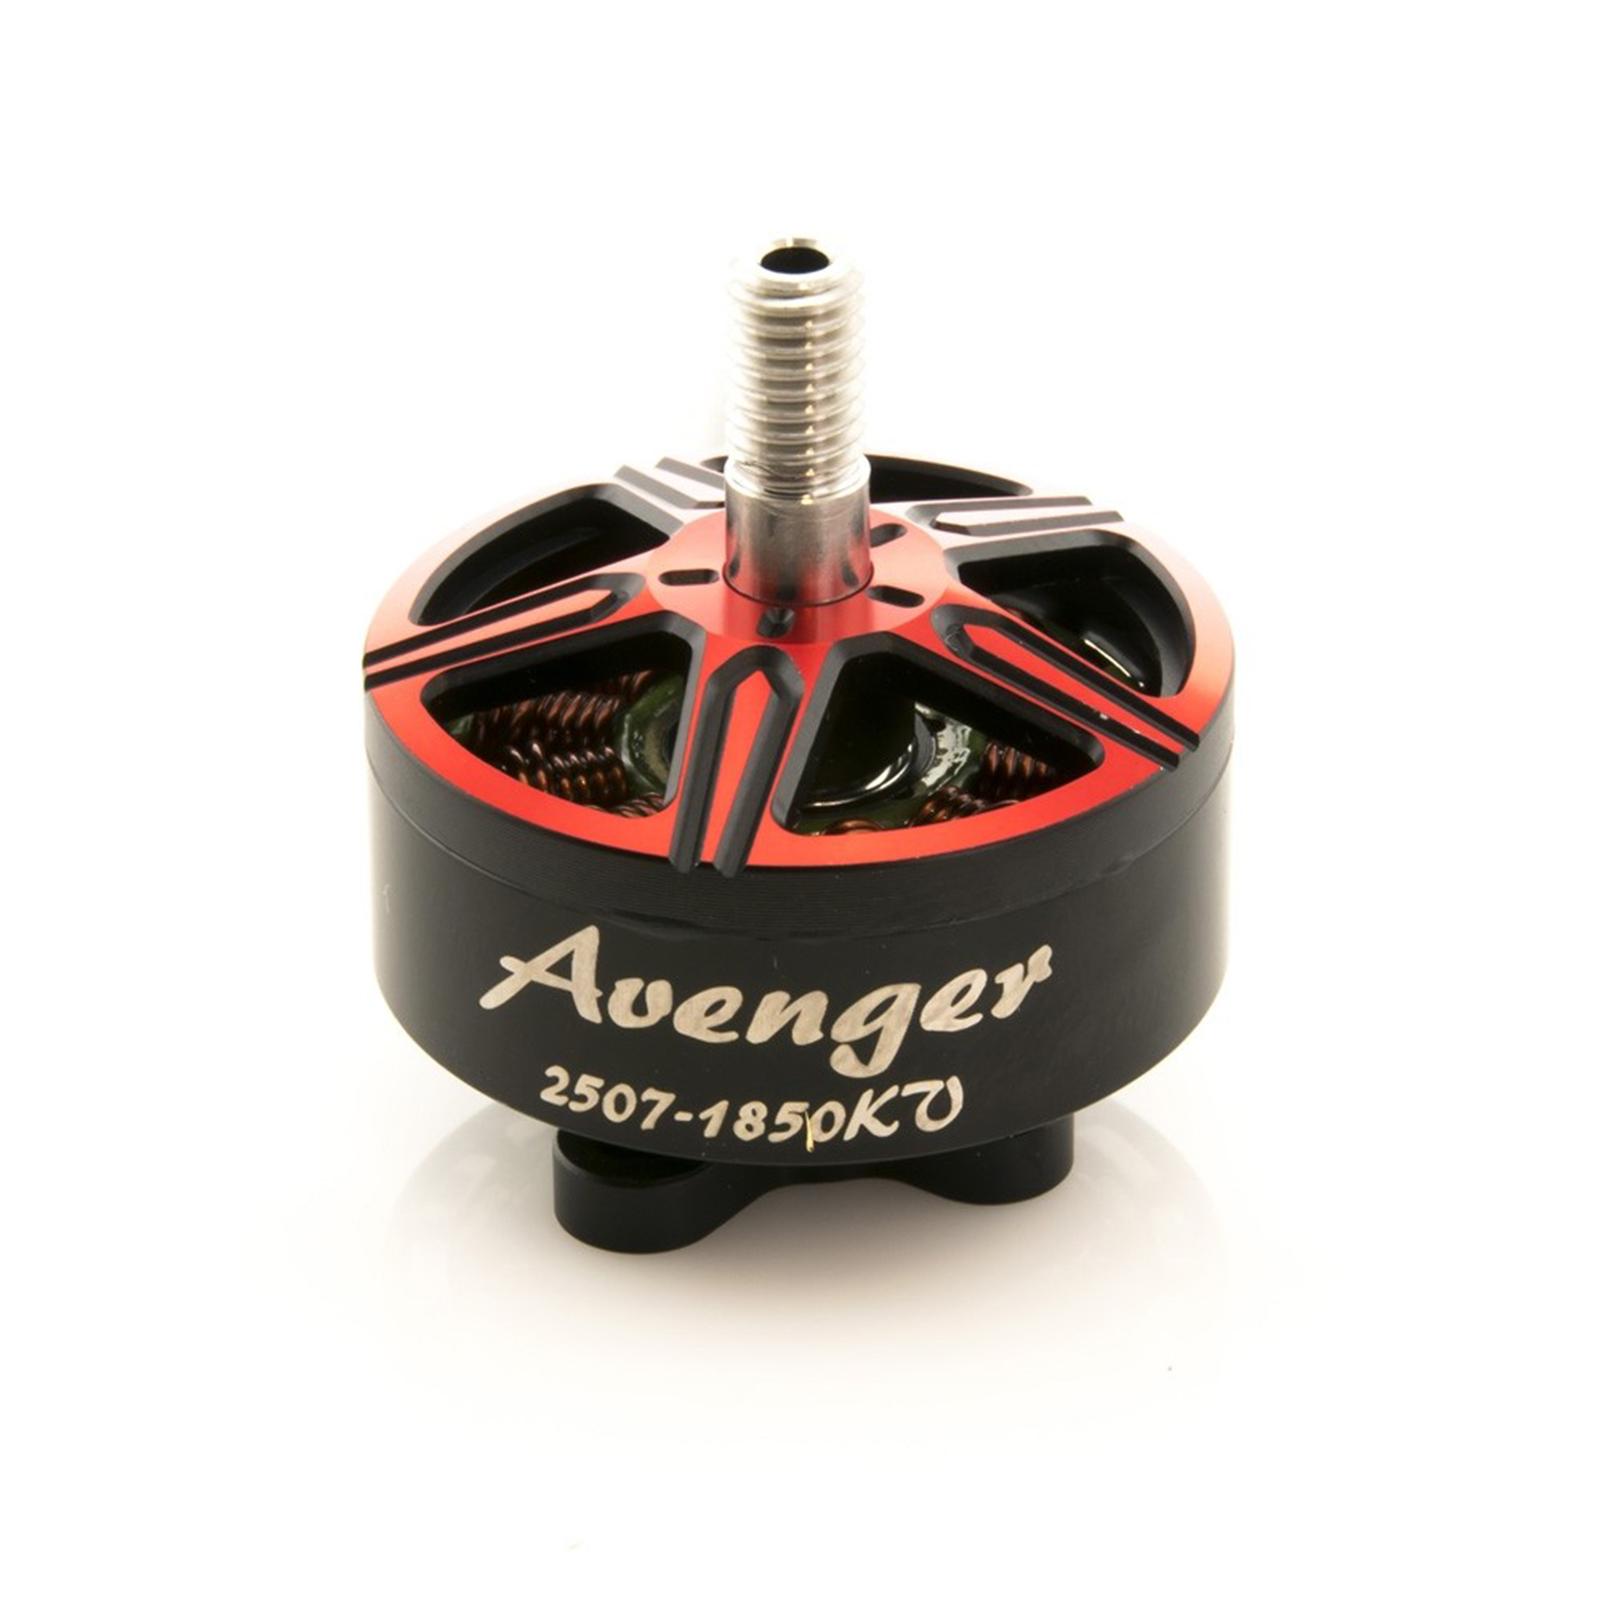 BrotherHobby-Avenger-2507-1850-2450-2700KV-4-6S-Brushless-Motor-for-RC-Drone